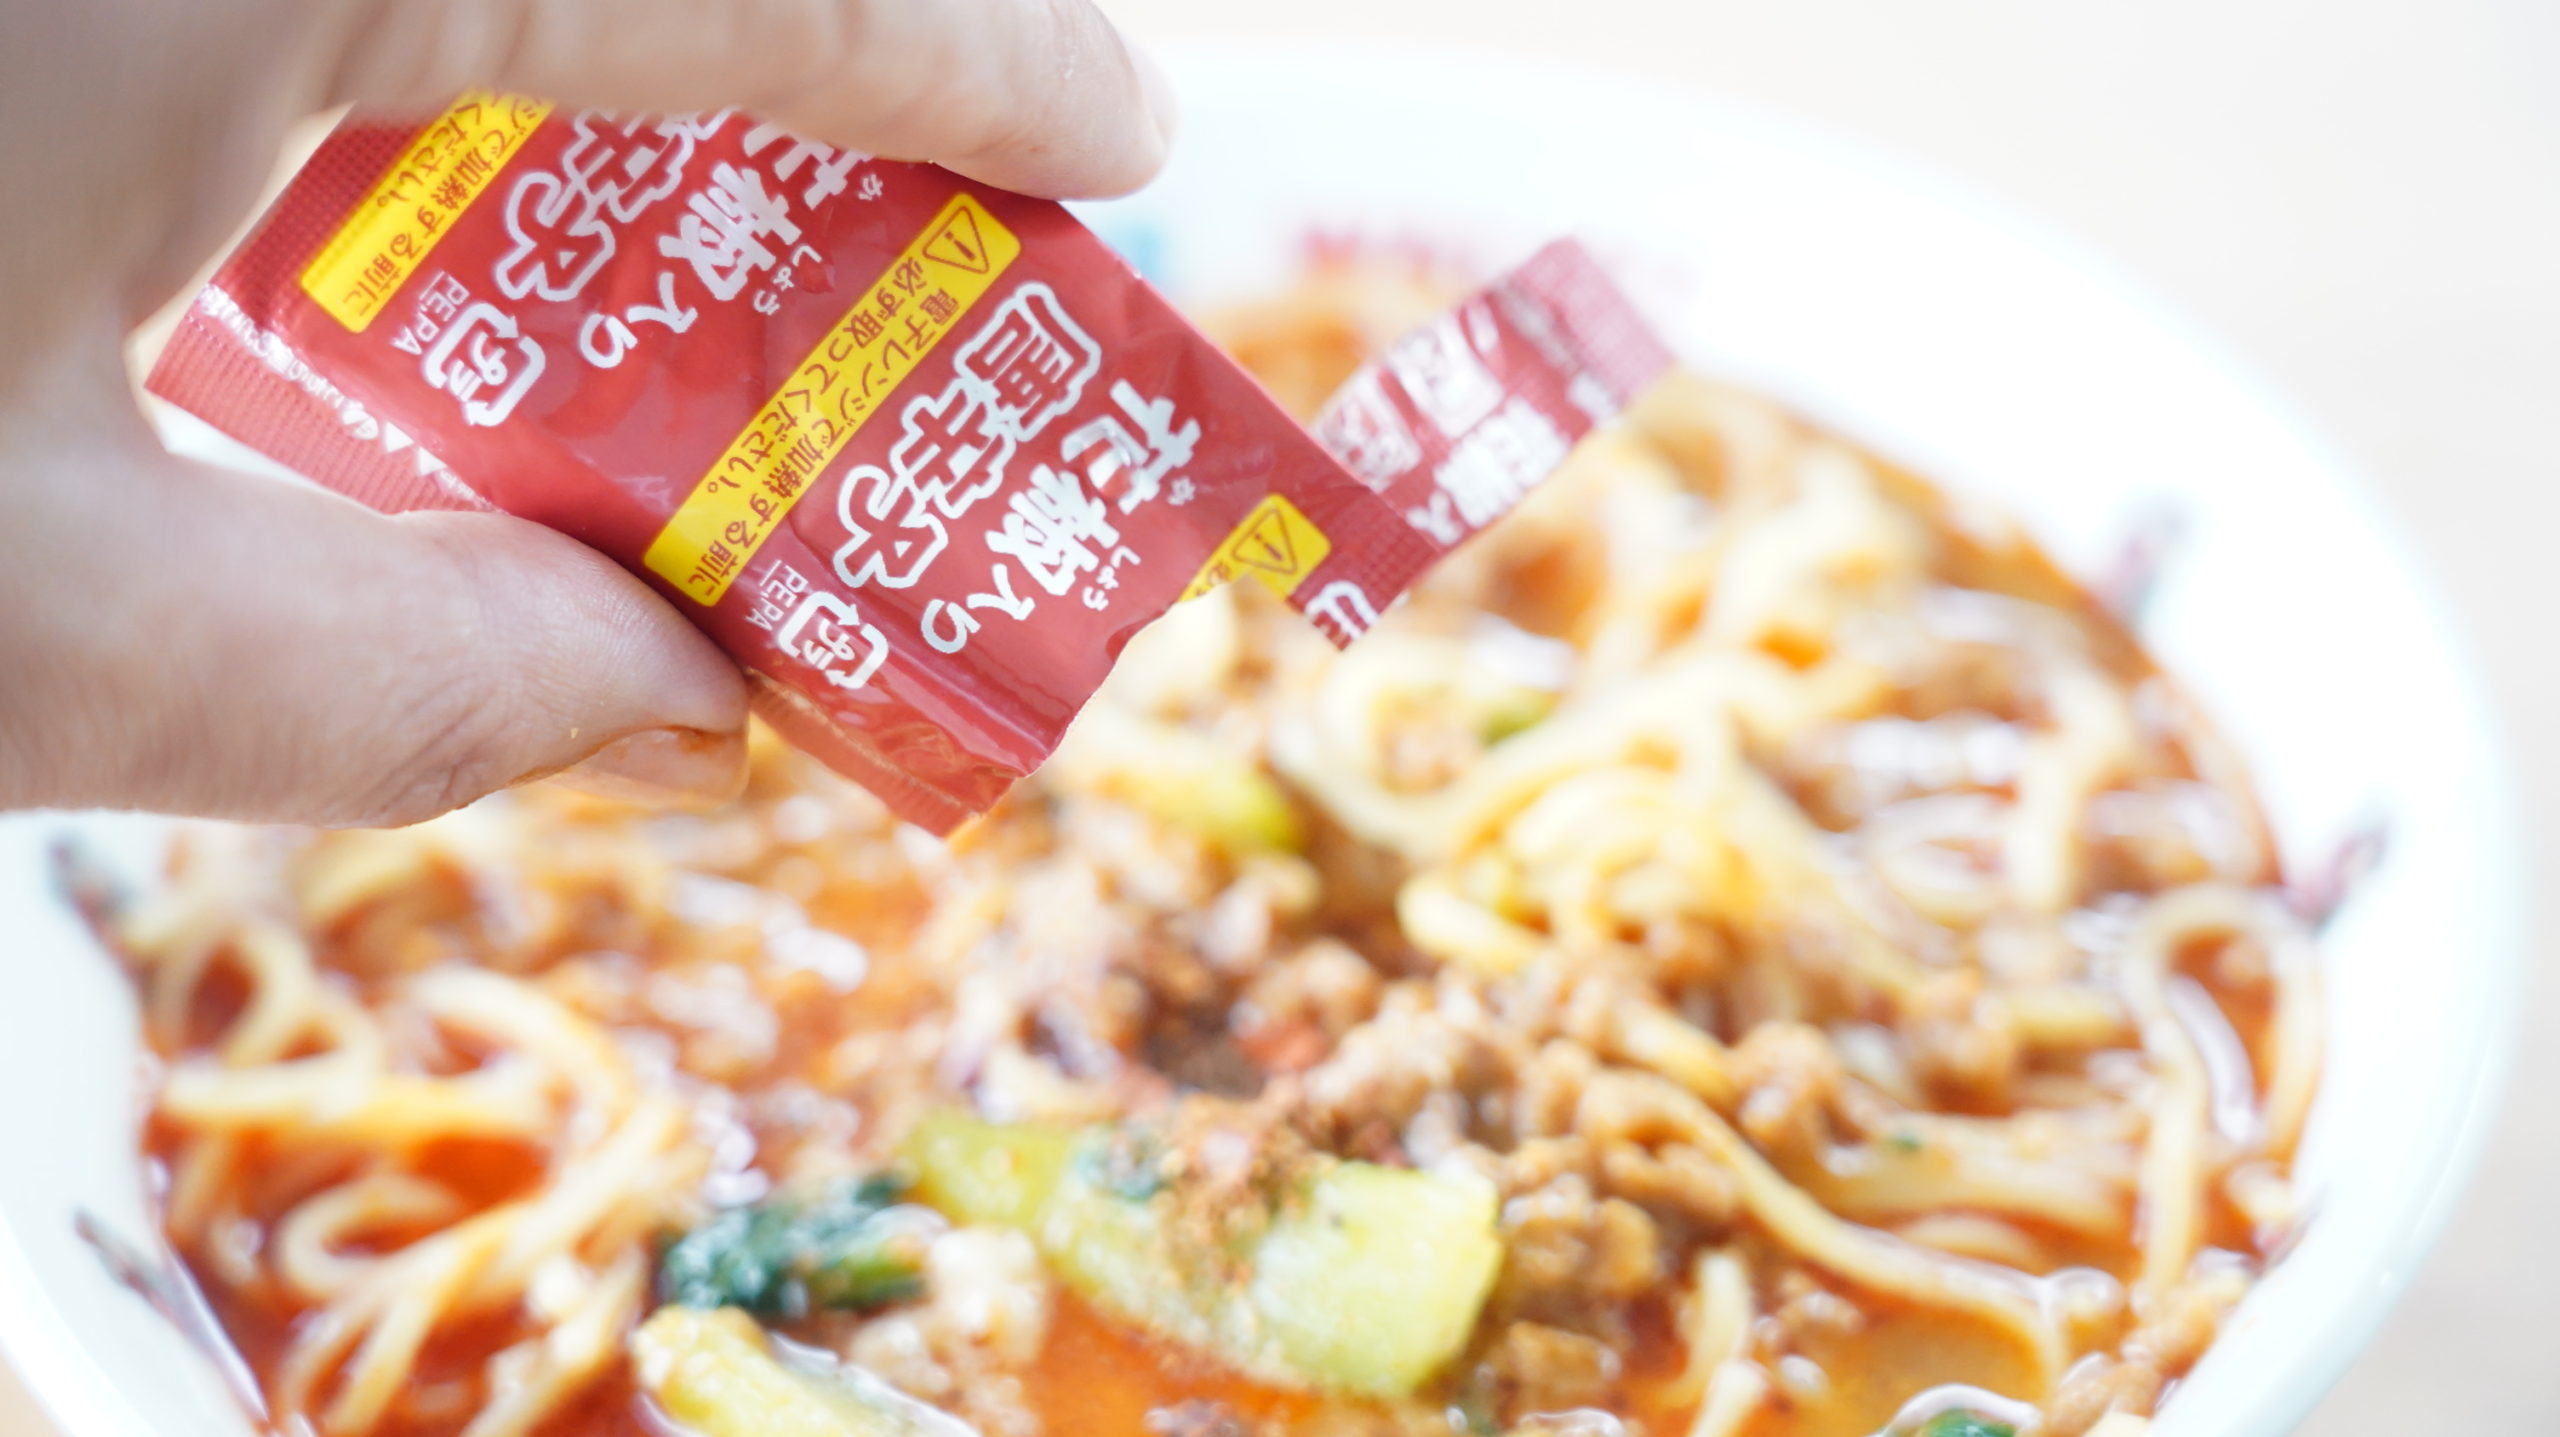 セブンイレブンの冷凍食品「胡麻が濃厚な坦々麺」に付属する唐辛子の写真